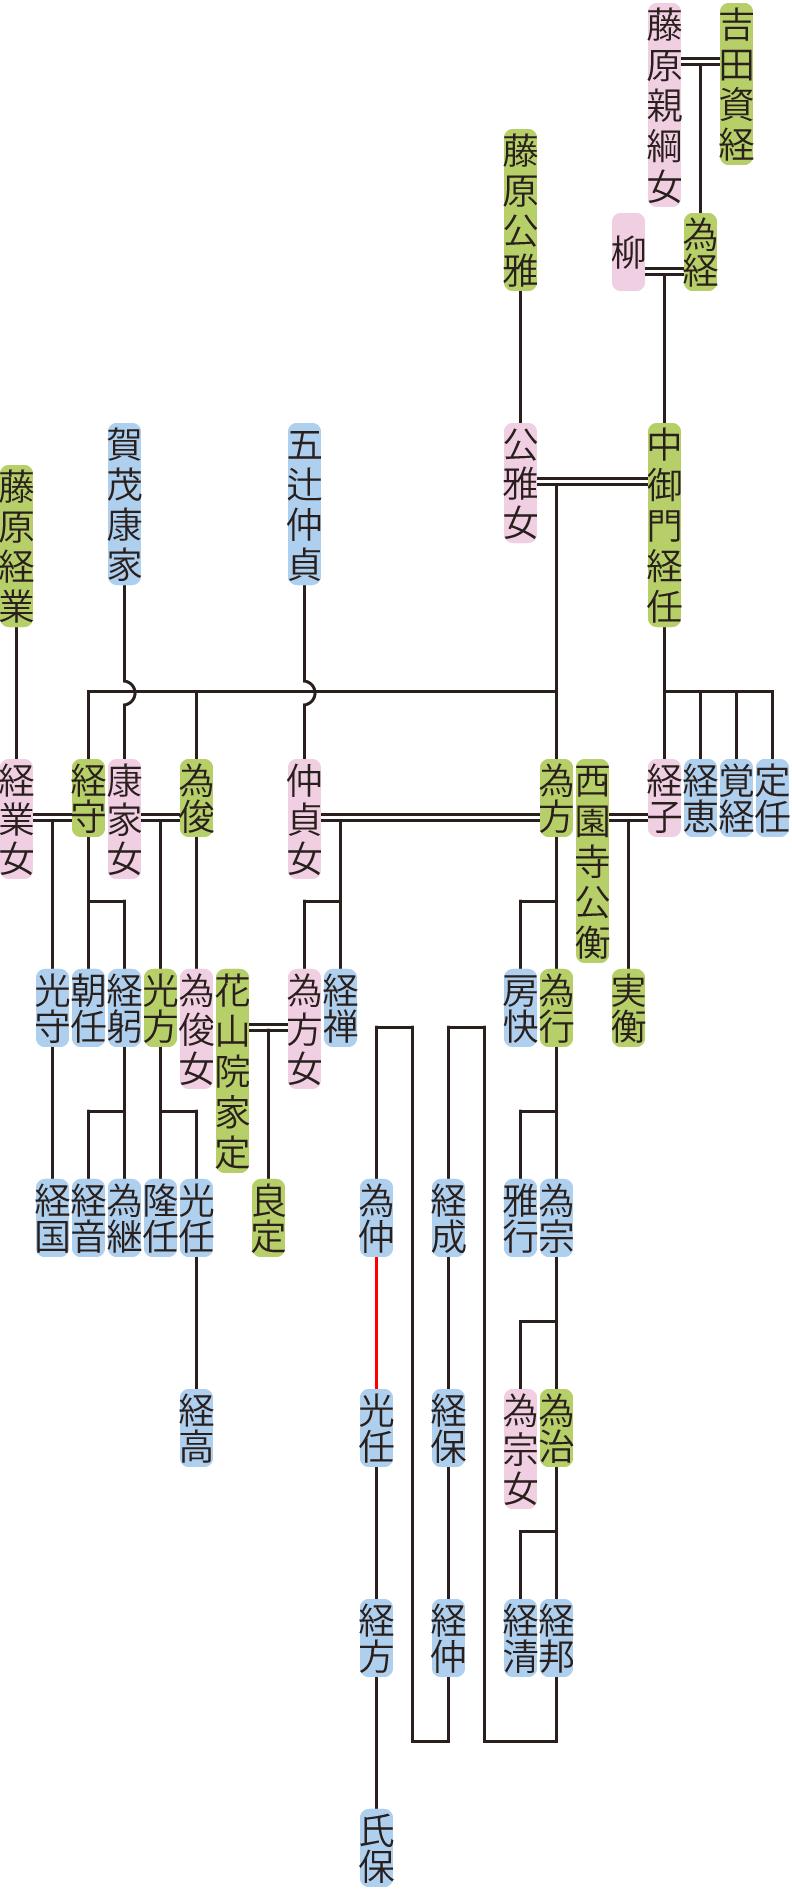 中御門経任の系図